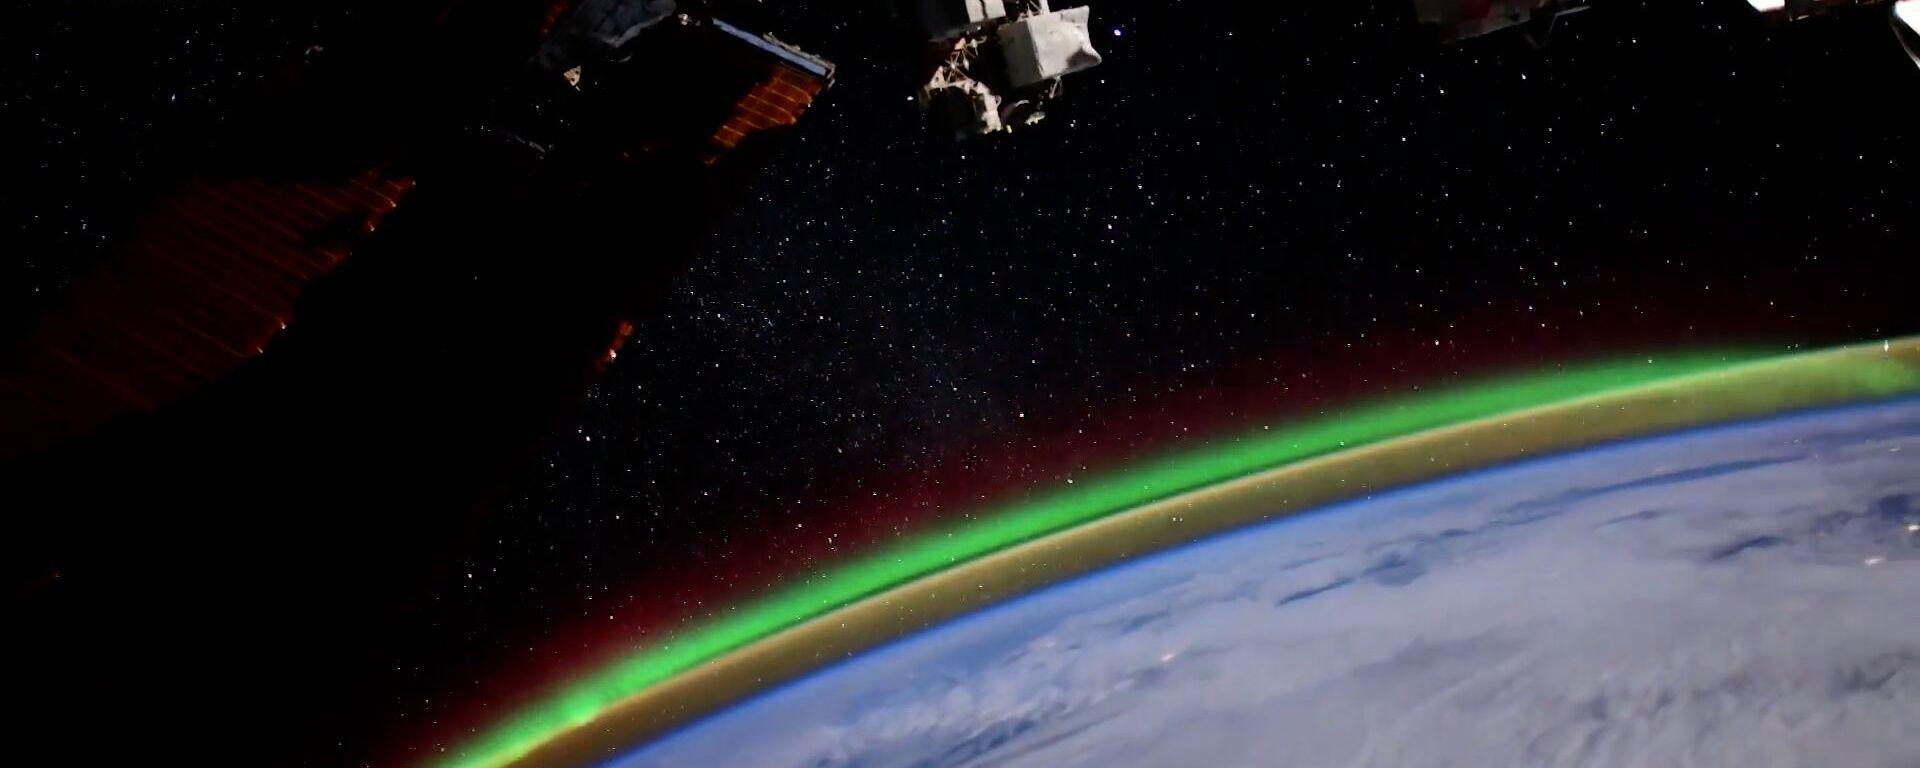 Видеофакт: космонавт запечатлел северное сияние с борта МКС - Sputnik Ўзбекистон, 1920, 16.01.2021